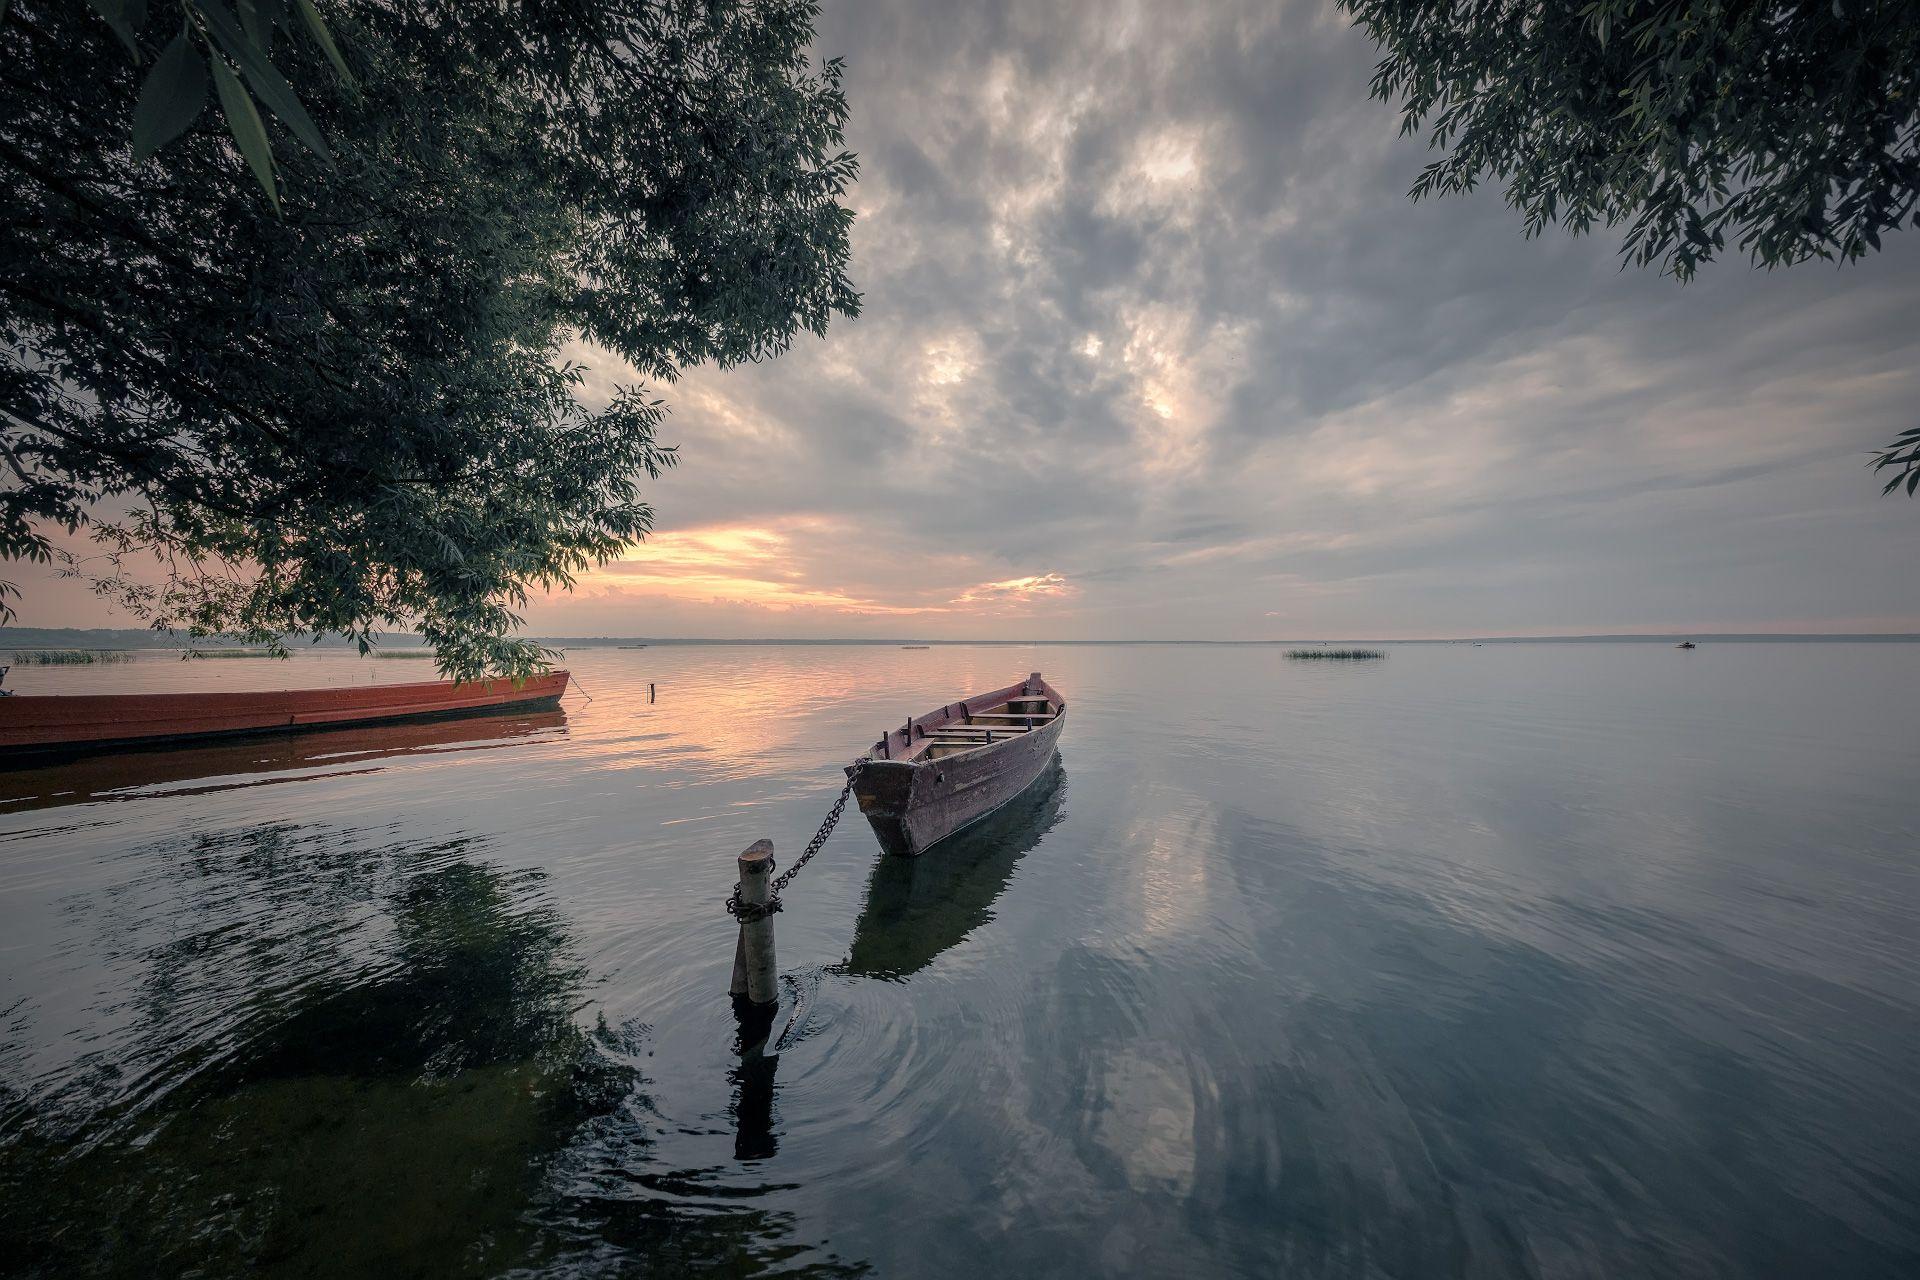 озеро, лодки, закат, деревья, облака, пейзаж, природа, переславль, плещеево, Чиж Андрей